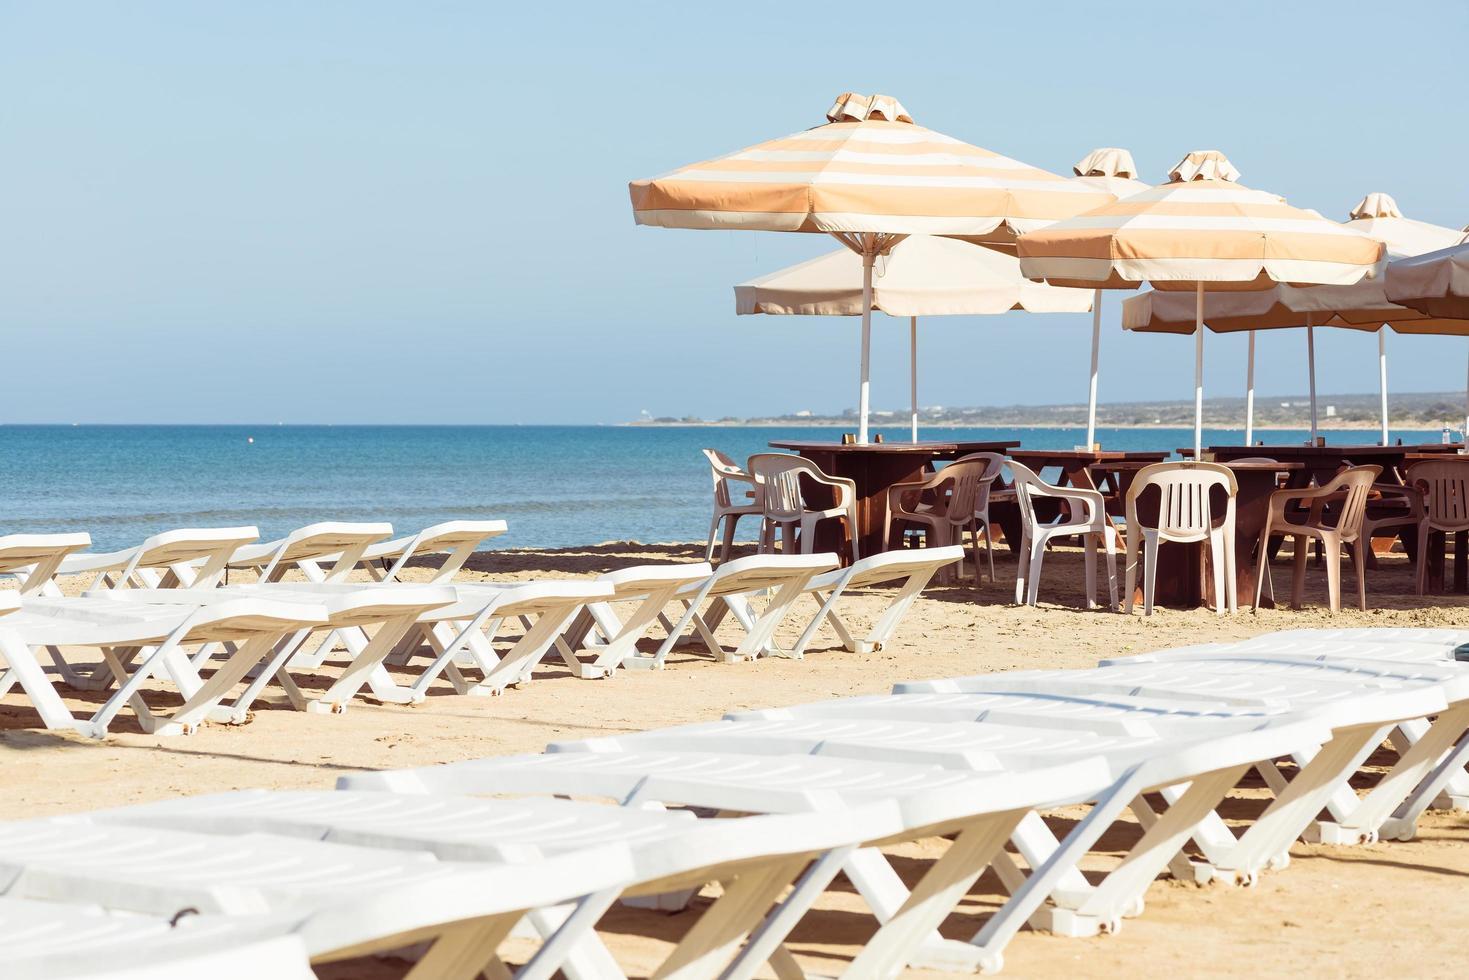 leere Sonnenliegen und Sonnenschirme am Strand foto